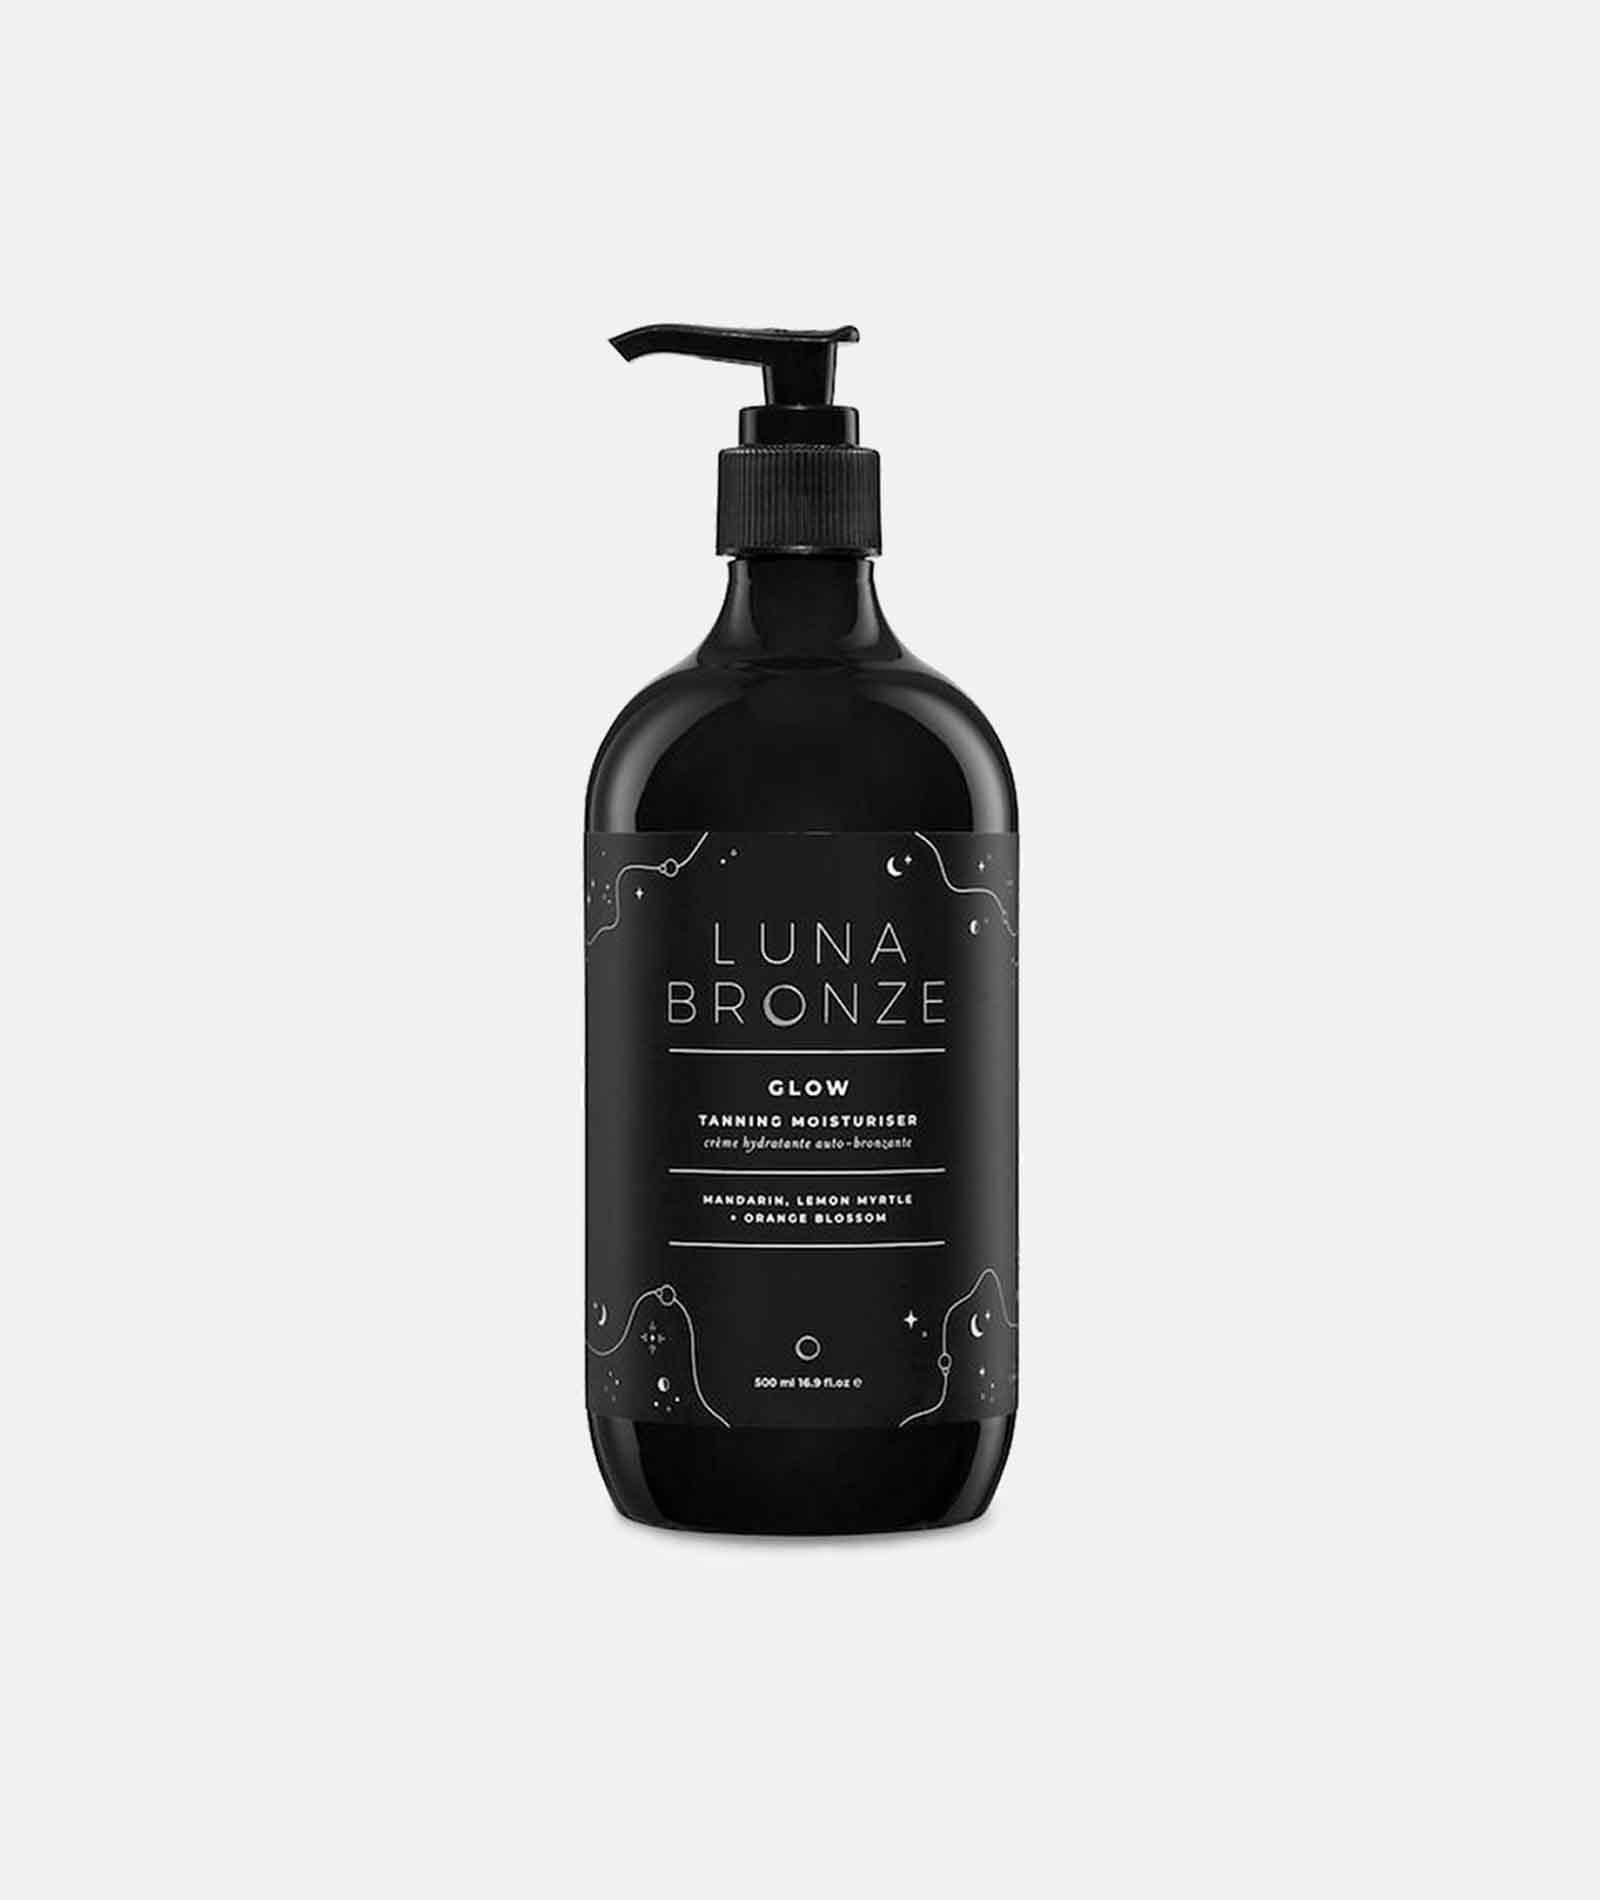 Luna Bronze Glow natuurlijke zelfbruiner licht pompflacon TWENTYTWONOTES